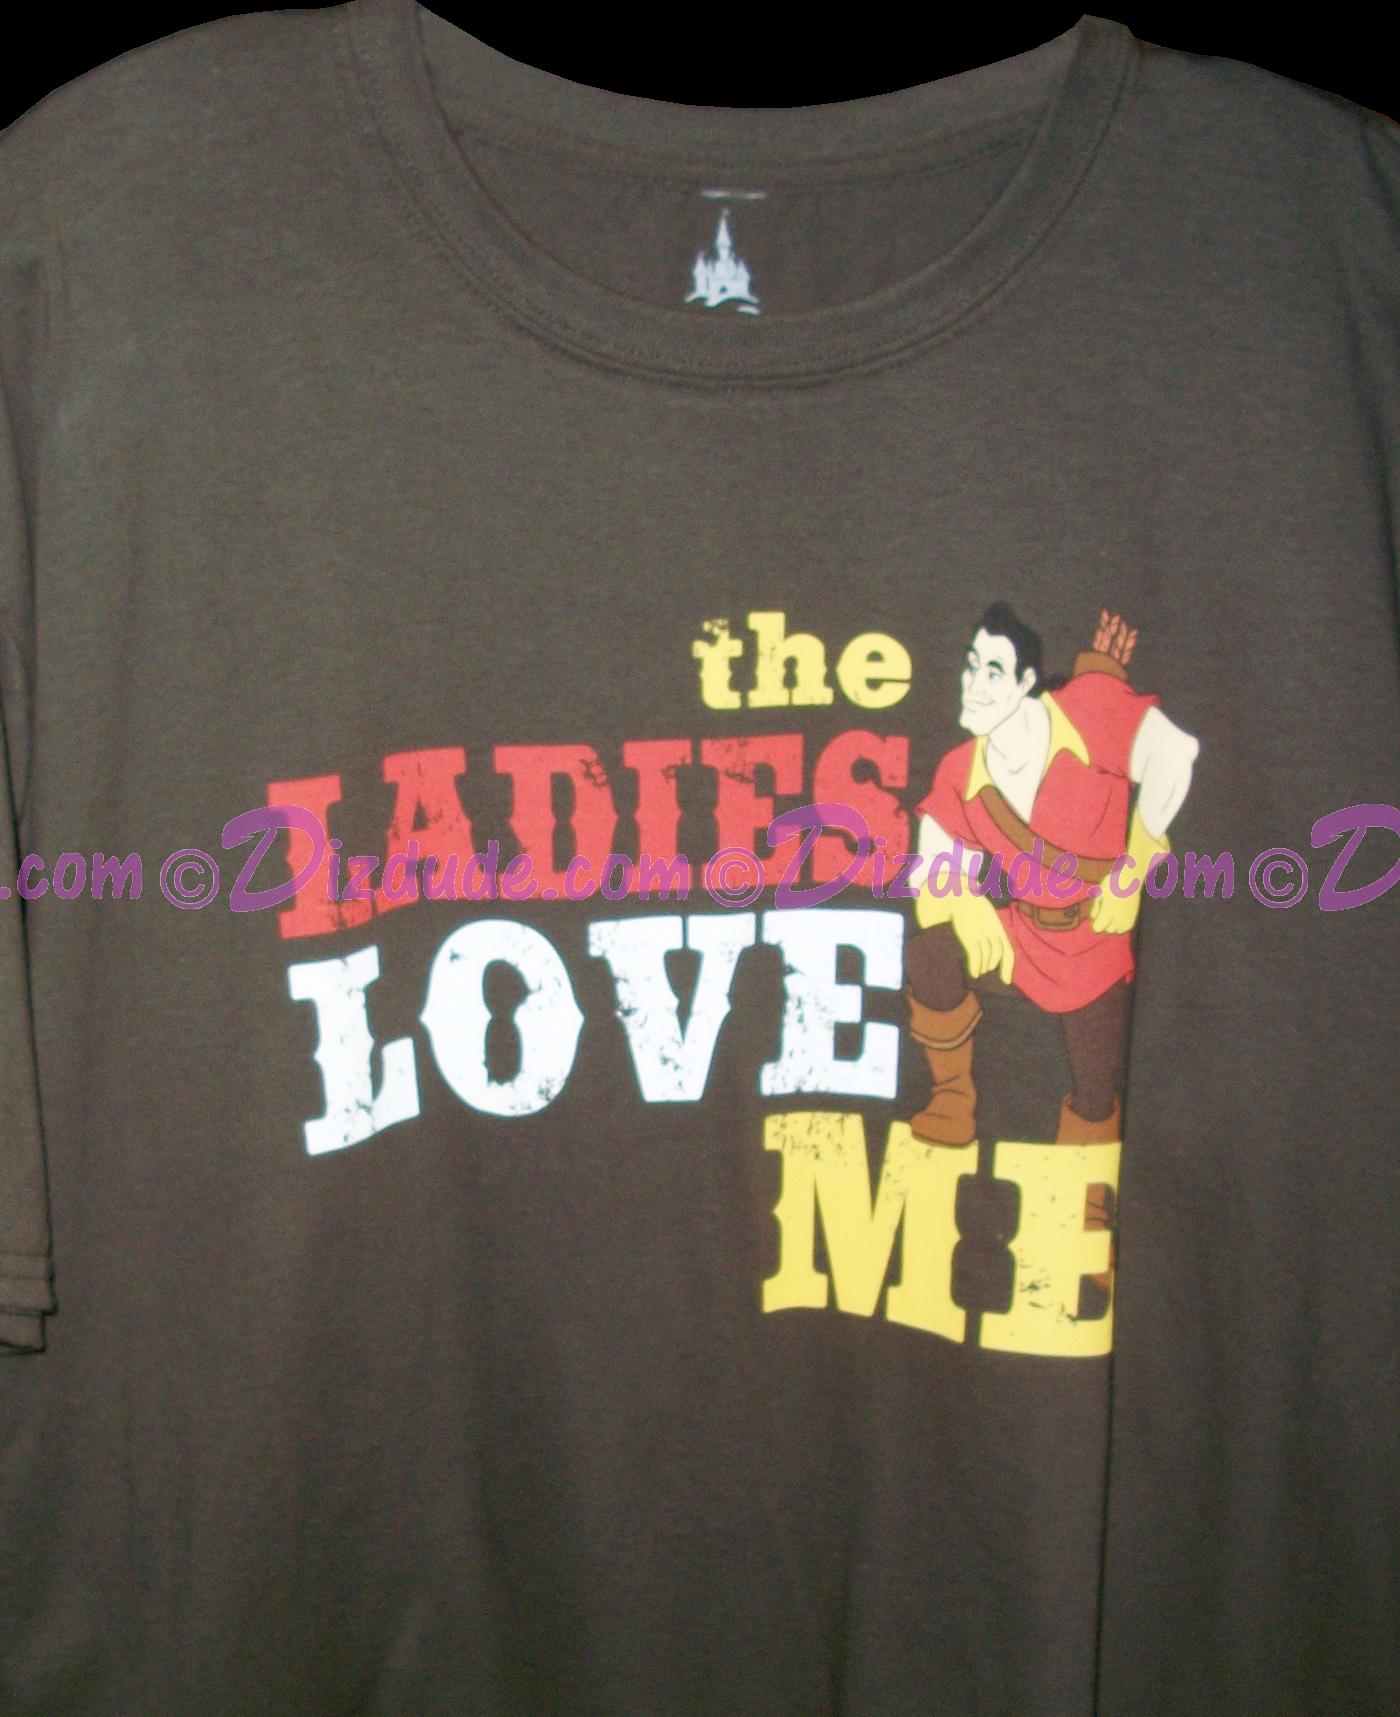 cbe82b68 ... dizdude com disney gaston the las love me t shirt tee tshirt ...